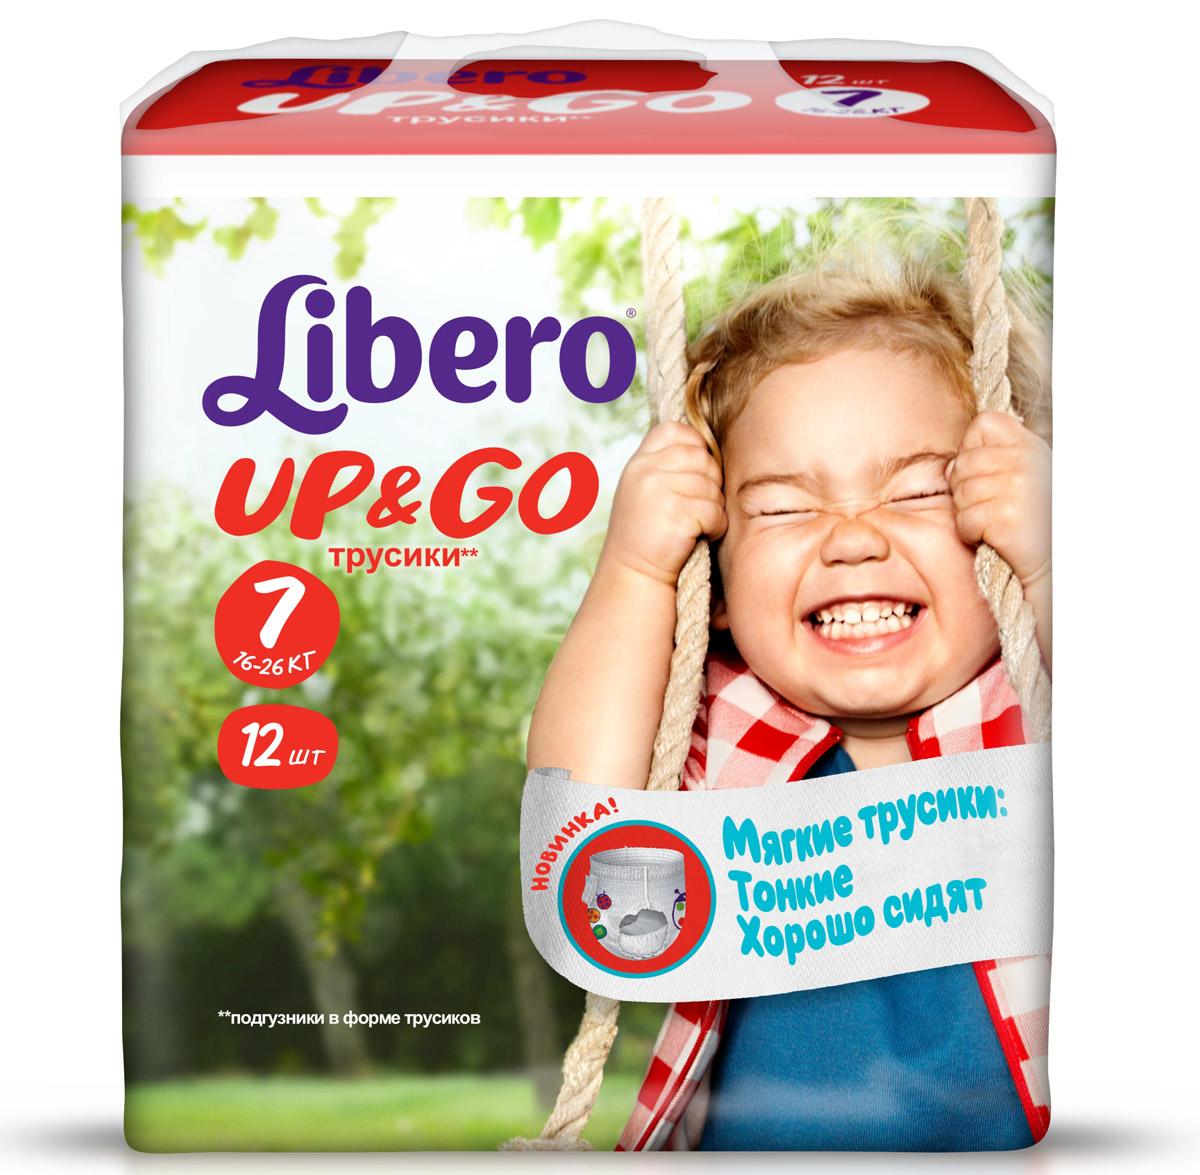 Libero Подгузники-трусики Up&Go (16-26 кг) 12 шт5583Подгузники-трусики Libero Up&Go супер мягкие и тонкие удобно надевать и снимать, что так важно для детей, которые уже пытаются самостоятельно одеваться. Надев их как обычные трусики, ваш малыш может сам их спустить, если захочет на горшок. Когда подгузник наполнен, вы легко снимите его, просто разорвав боковые швы. Подгузники-трусики Libero Up&Go впитывают еще больше и не протекают благодаря улучшенному впитывающему слою и высоким барьерчикам вокруг ножек, оставляя кожу малыша сухой, поэтому Вы можете также использовать их во время длительных прогулок днем и ночью, чтобы обеспечить ребенку и себе спокойный сон. Благодаря мягкому эластичному пояску вокруг талии, сделанному полностью из дышащего материала, и зауженной ластовице между ножек, подгузники-трусики Libero Up&Go лучше сидят. В них так удобно двигаться, как в обычном белье - они принимают форму тела малыша и абсолютно не стесняют его движений. У всех подгузников-трусиков Libero Up&Go есть специальная...